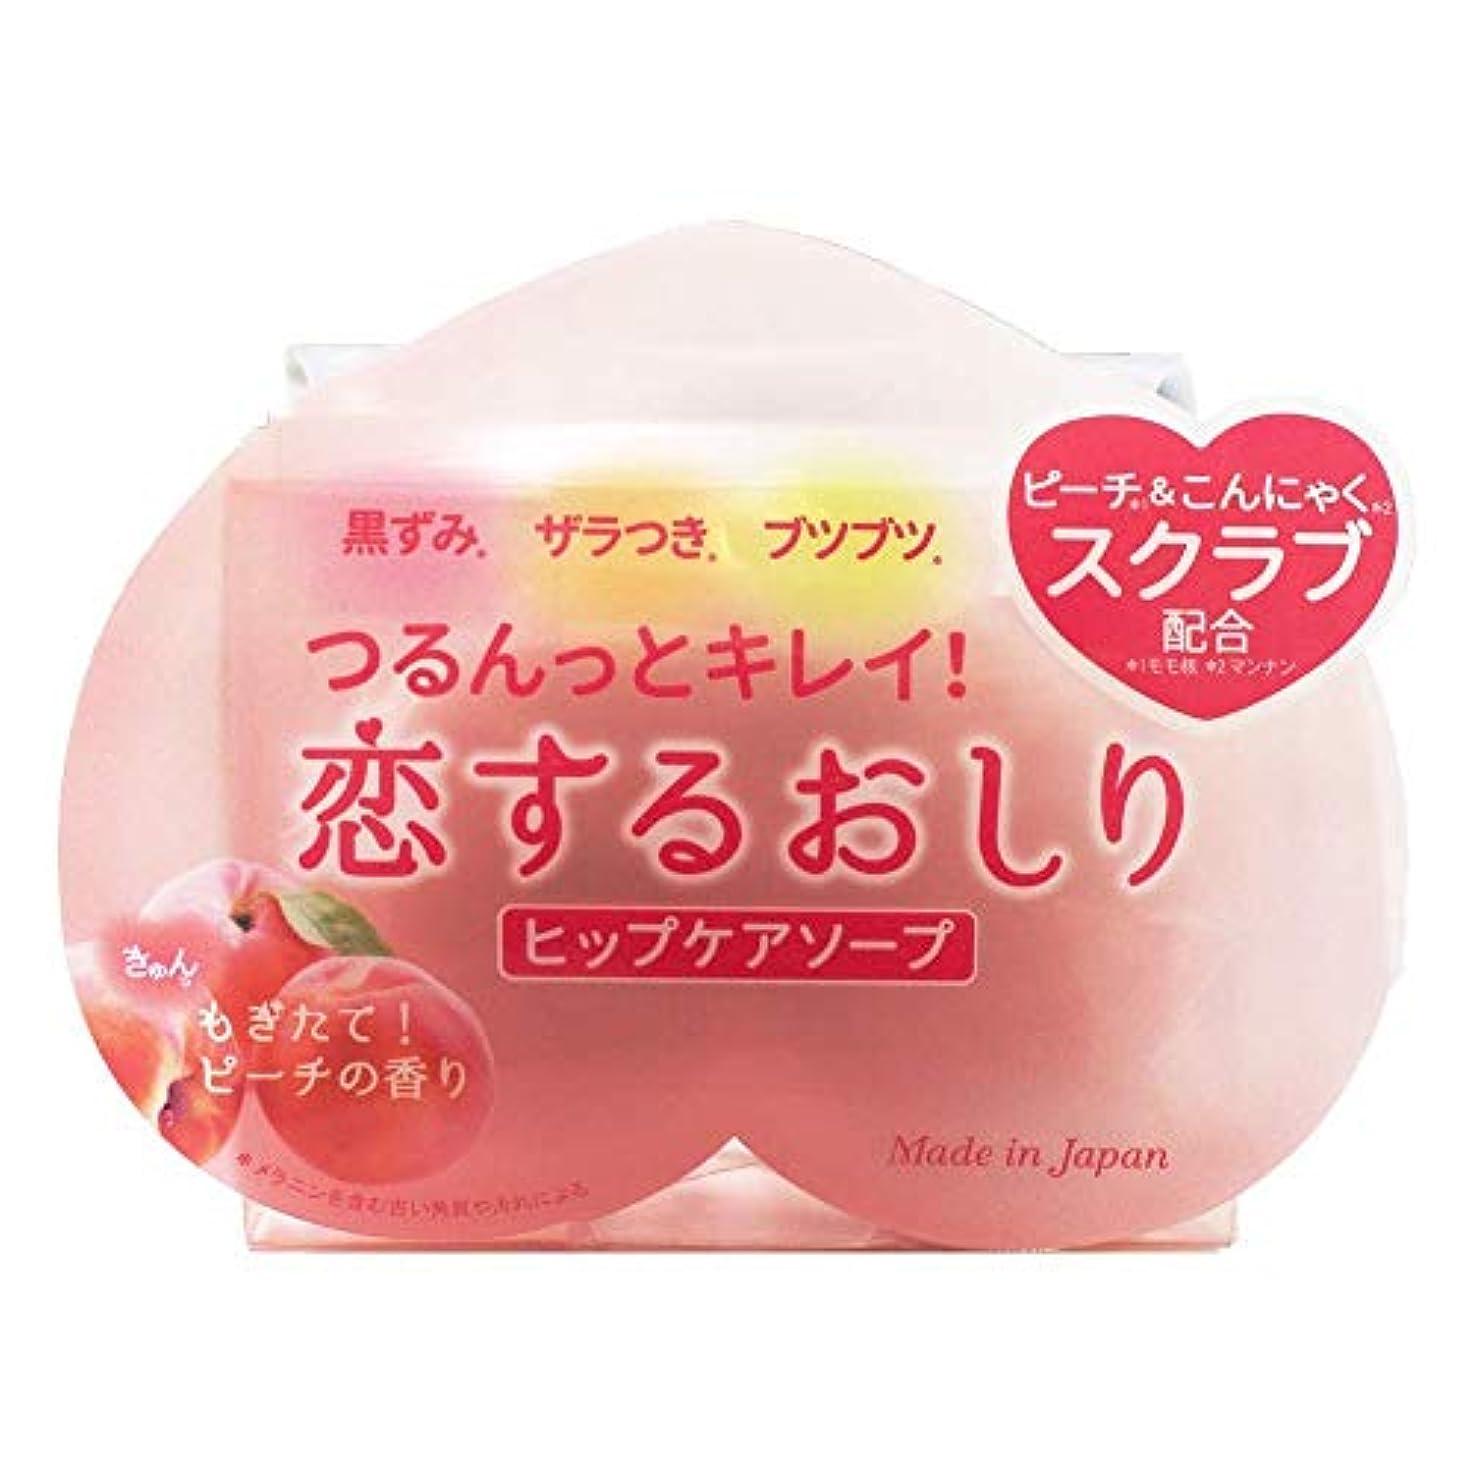 一貫したビヨン借りる【まとめ買い】ペリカン石鹸 恋するおしり ヒップケアソープ 80g×2個